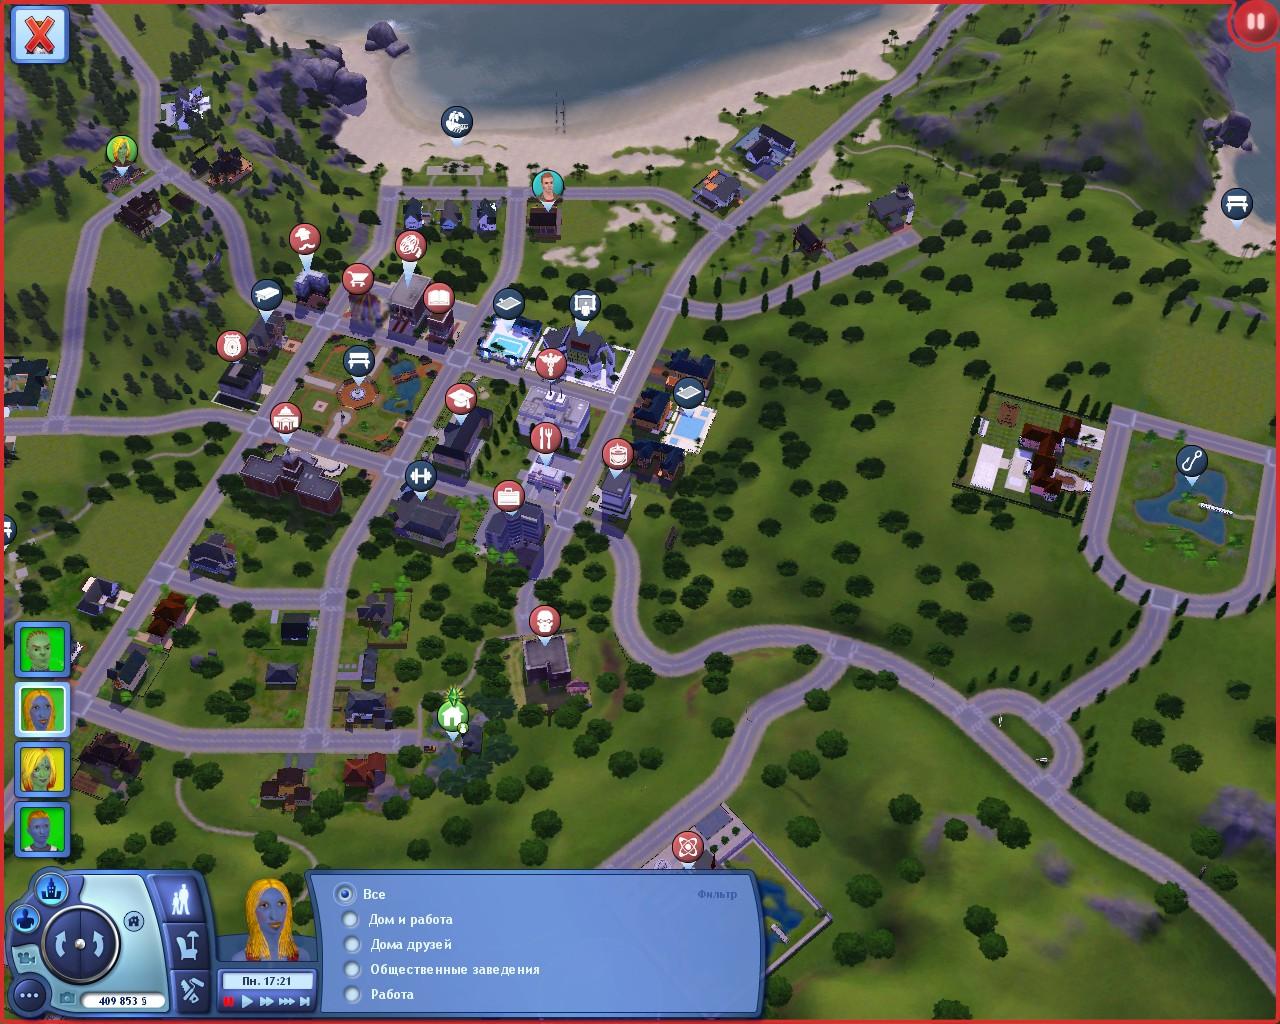 """Как создавать свой город в """"Симс 3"""" без проблем?"""